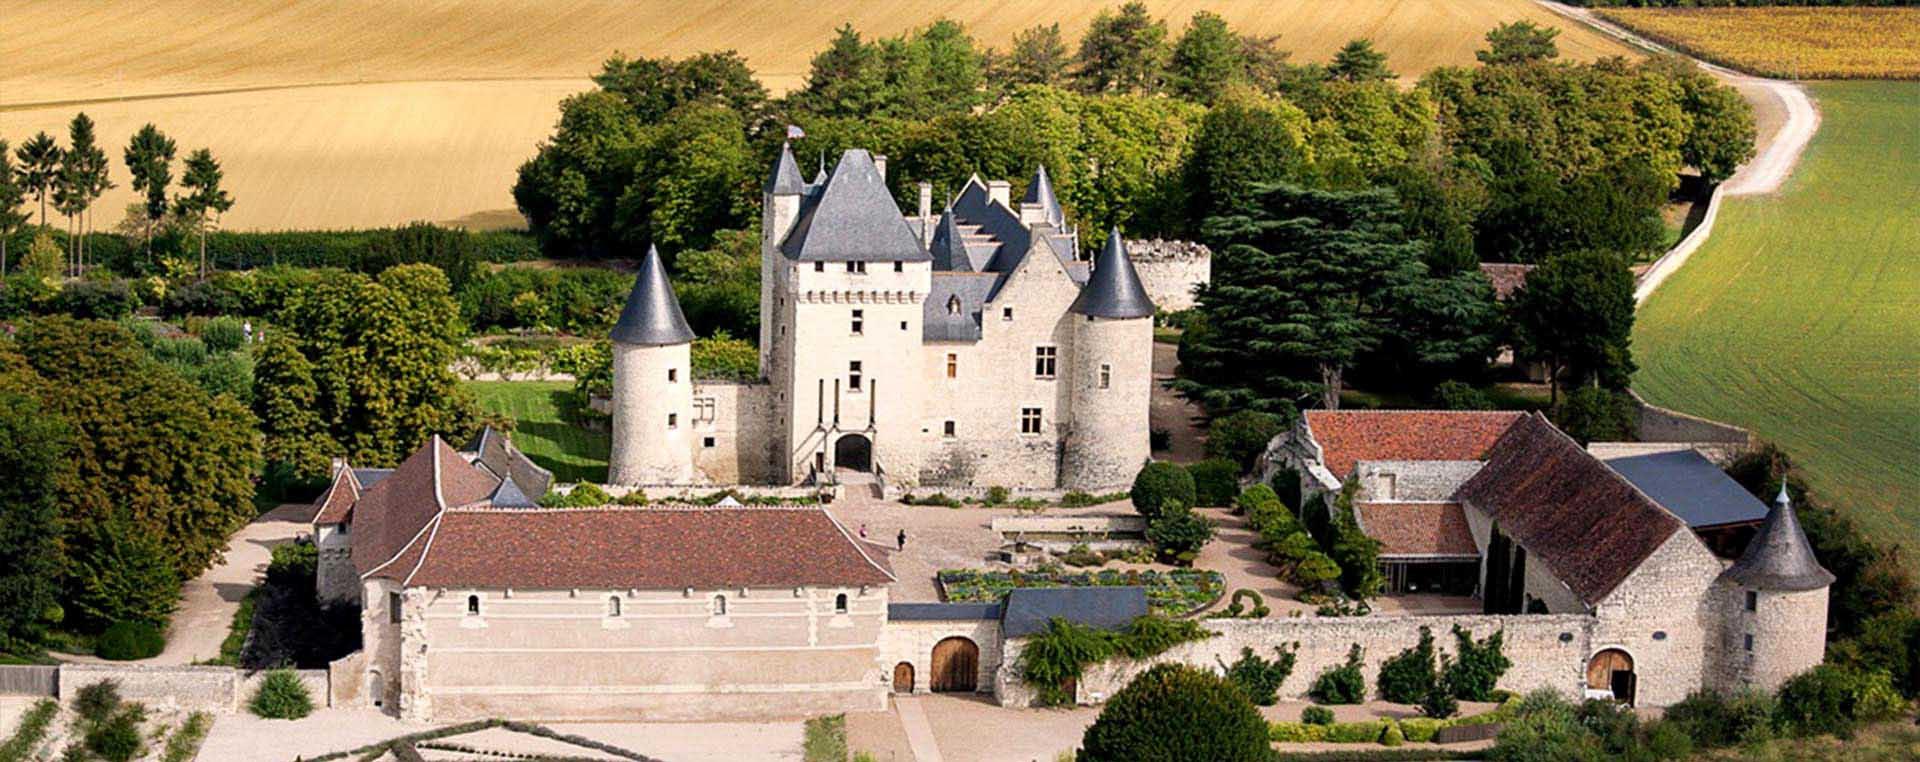 architecture du chateau